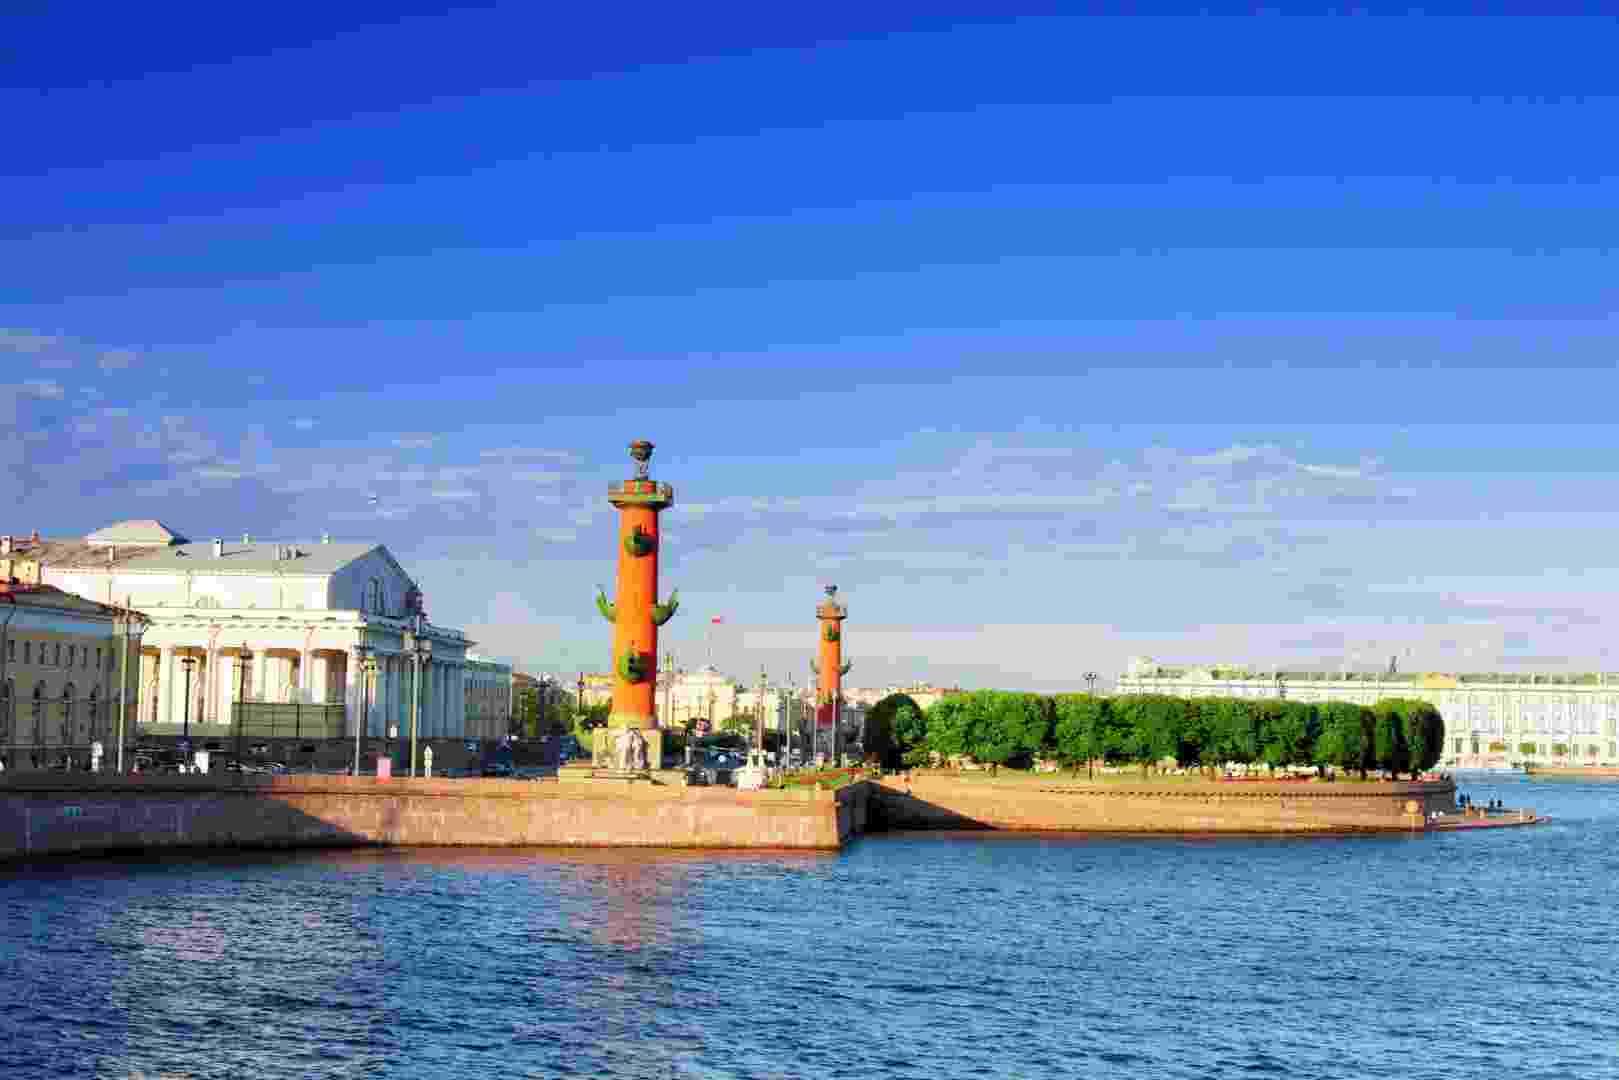 Где узнать о Санкт-Петербурге и всех его достопримечательностях?